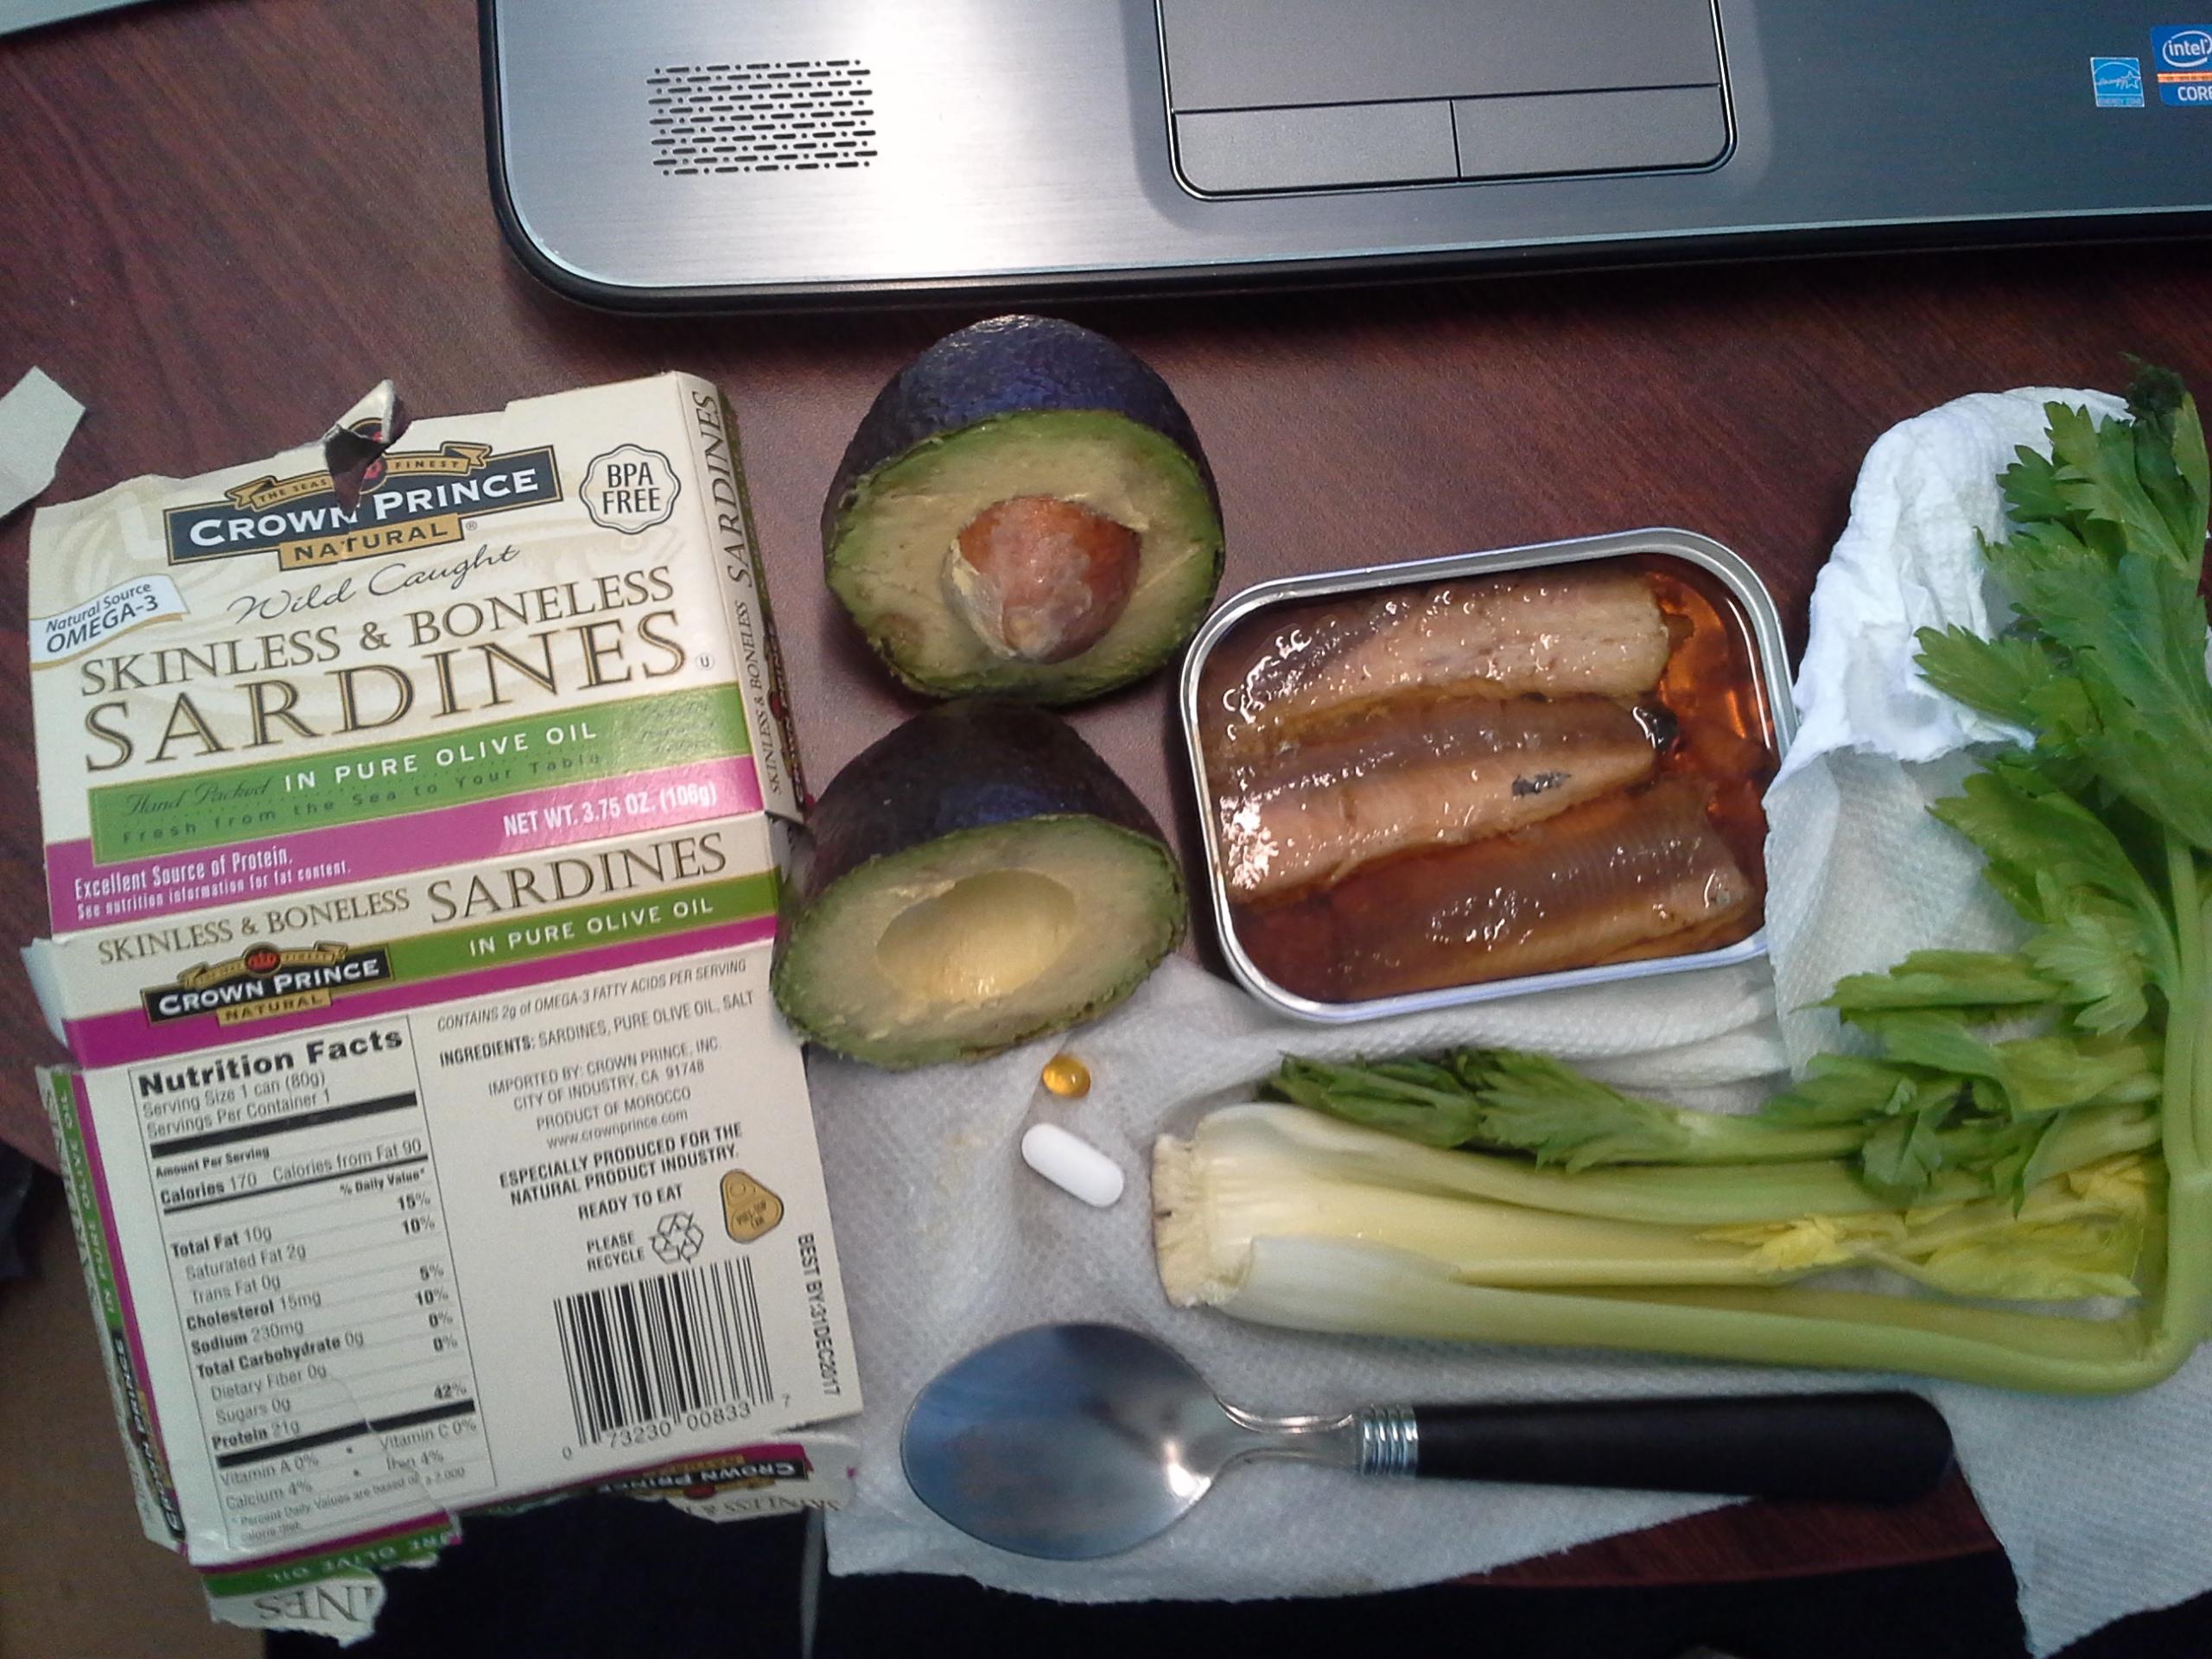 Lunch: 4:45 p.m. | 3.75 oz. sardines, 1 avocado, 2.5 stalks celery, 5,000 IU Vitamin D capsule, Calcium/Magnesium/Zinc caplet